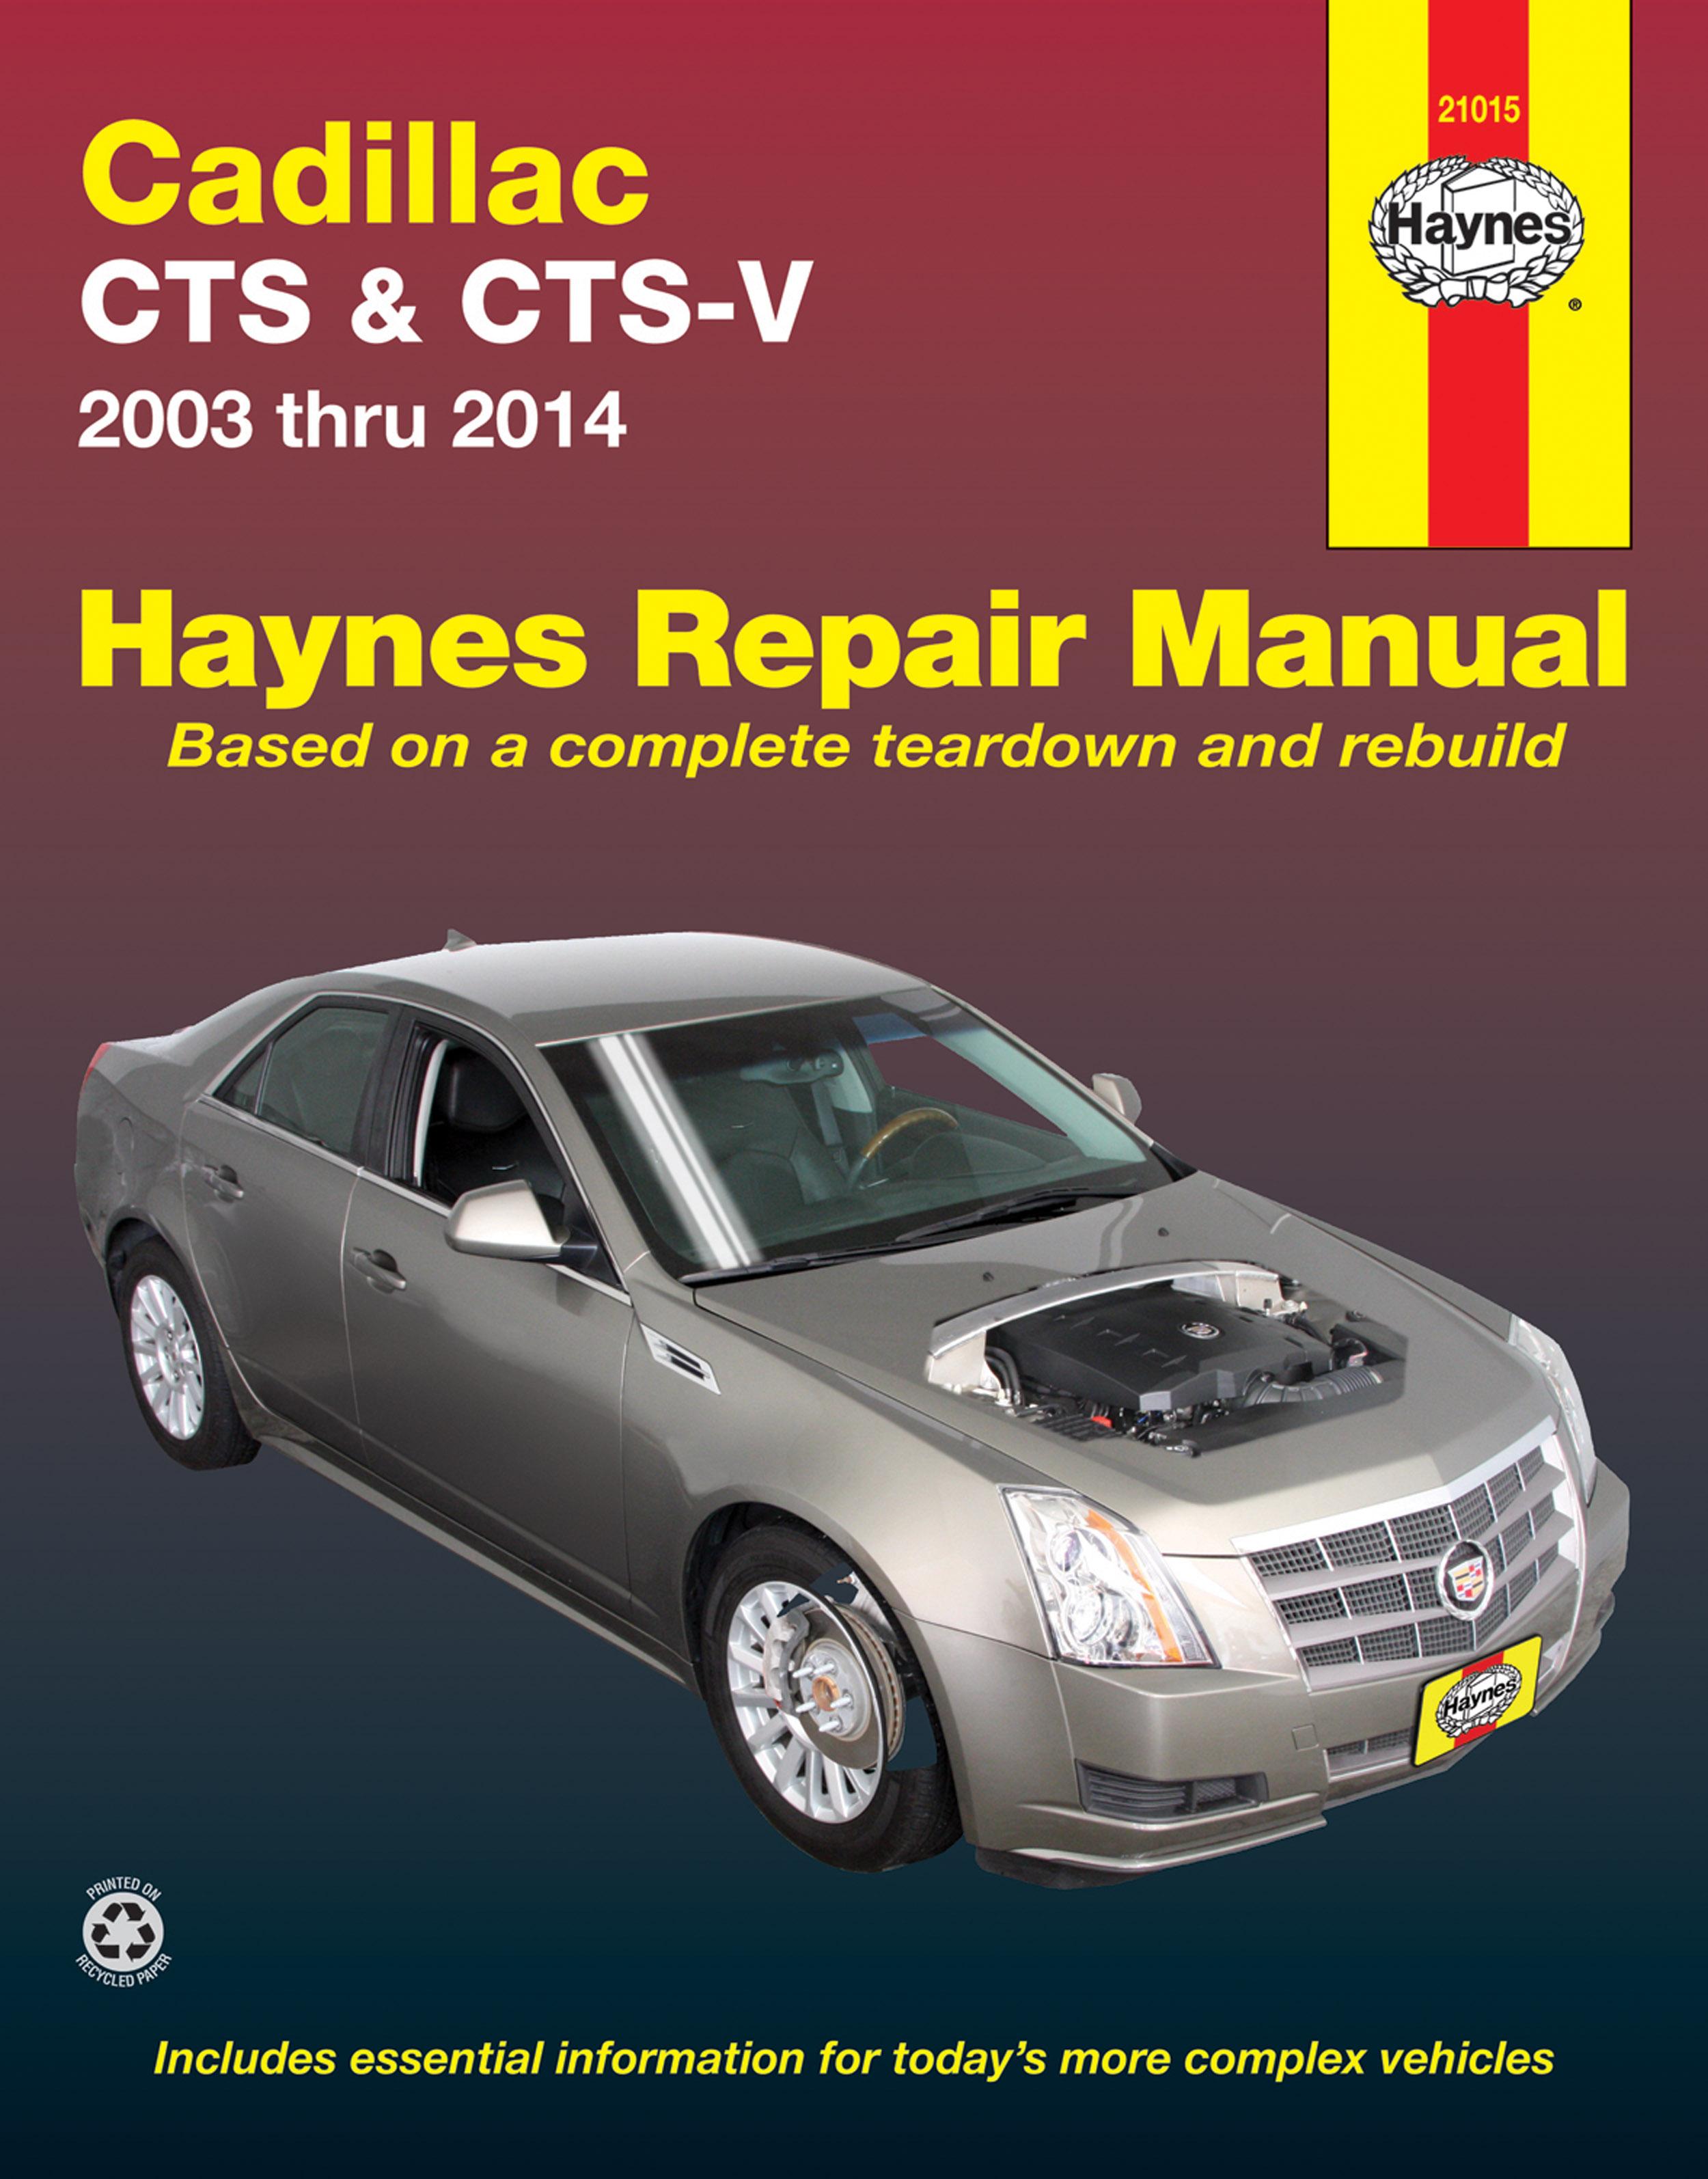 Cadillac CTS and CTS-V (03-14) Haynes Repair Manual